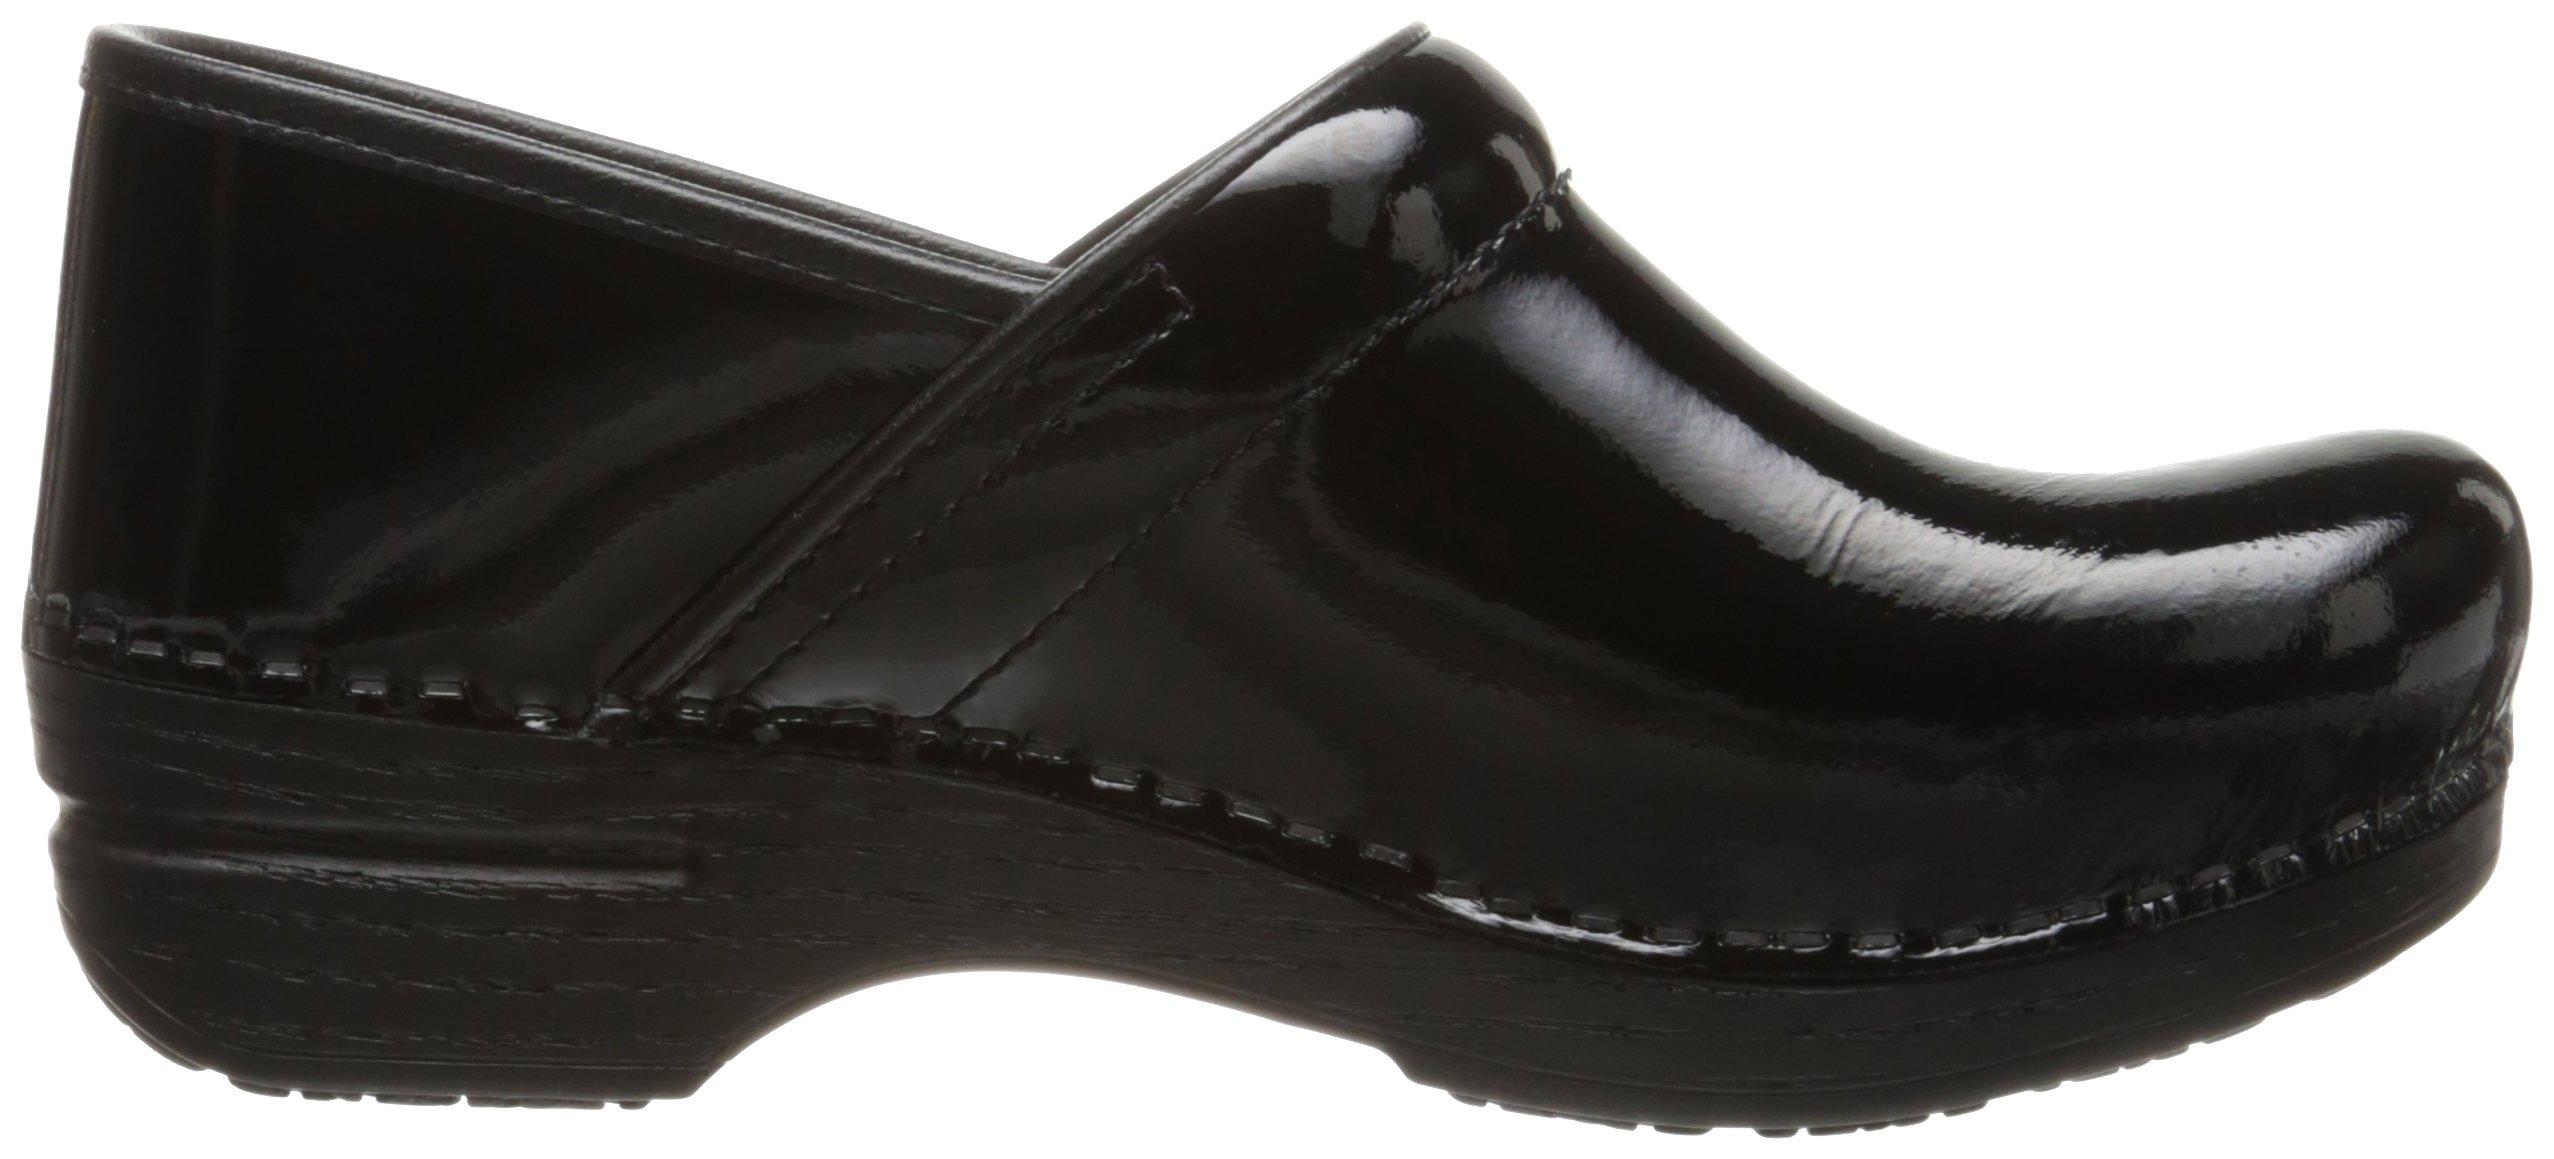 Dansko Women's Pro XP Mule,  Black Patent, 38 EU/7.5-8 M US by Dansko (Image #8)